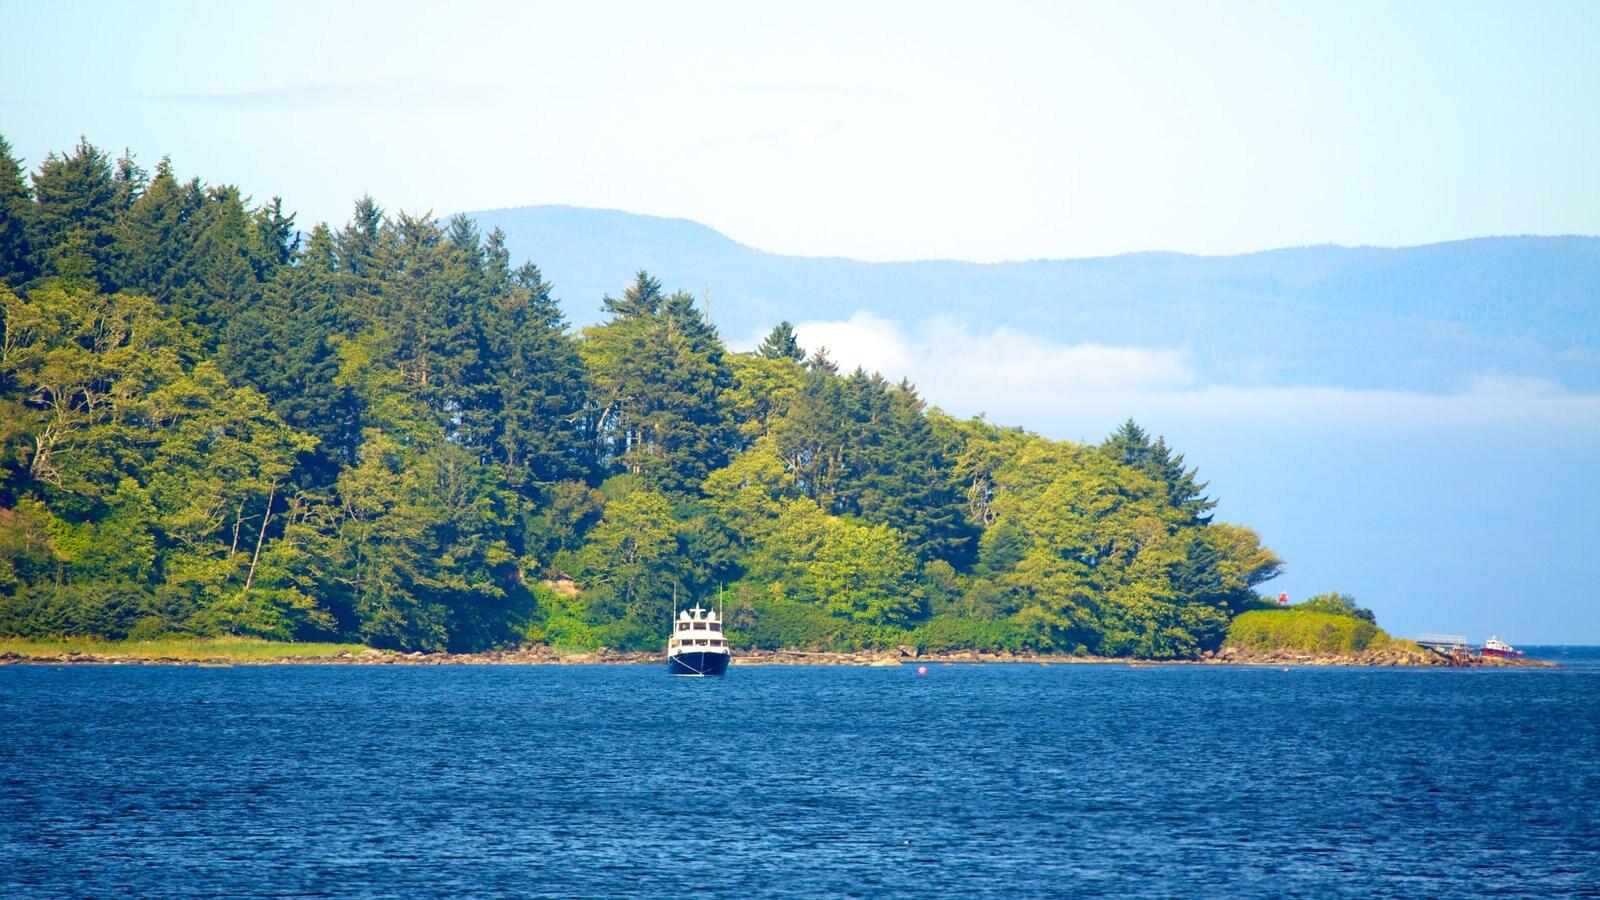 Neah Bay caracterizando um lago ou charco, paisagem e canoagem